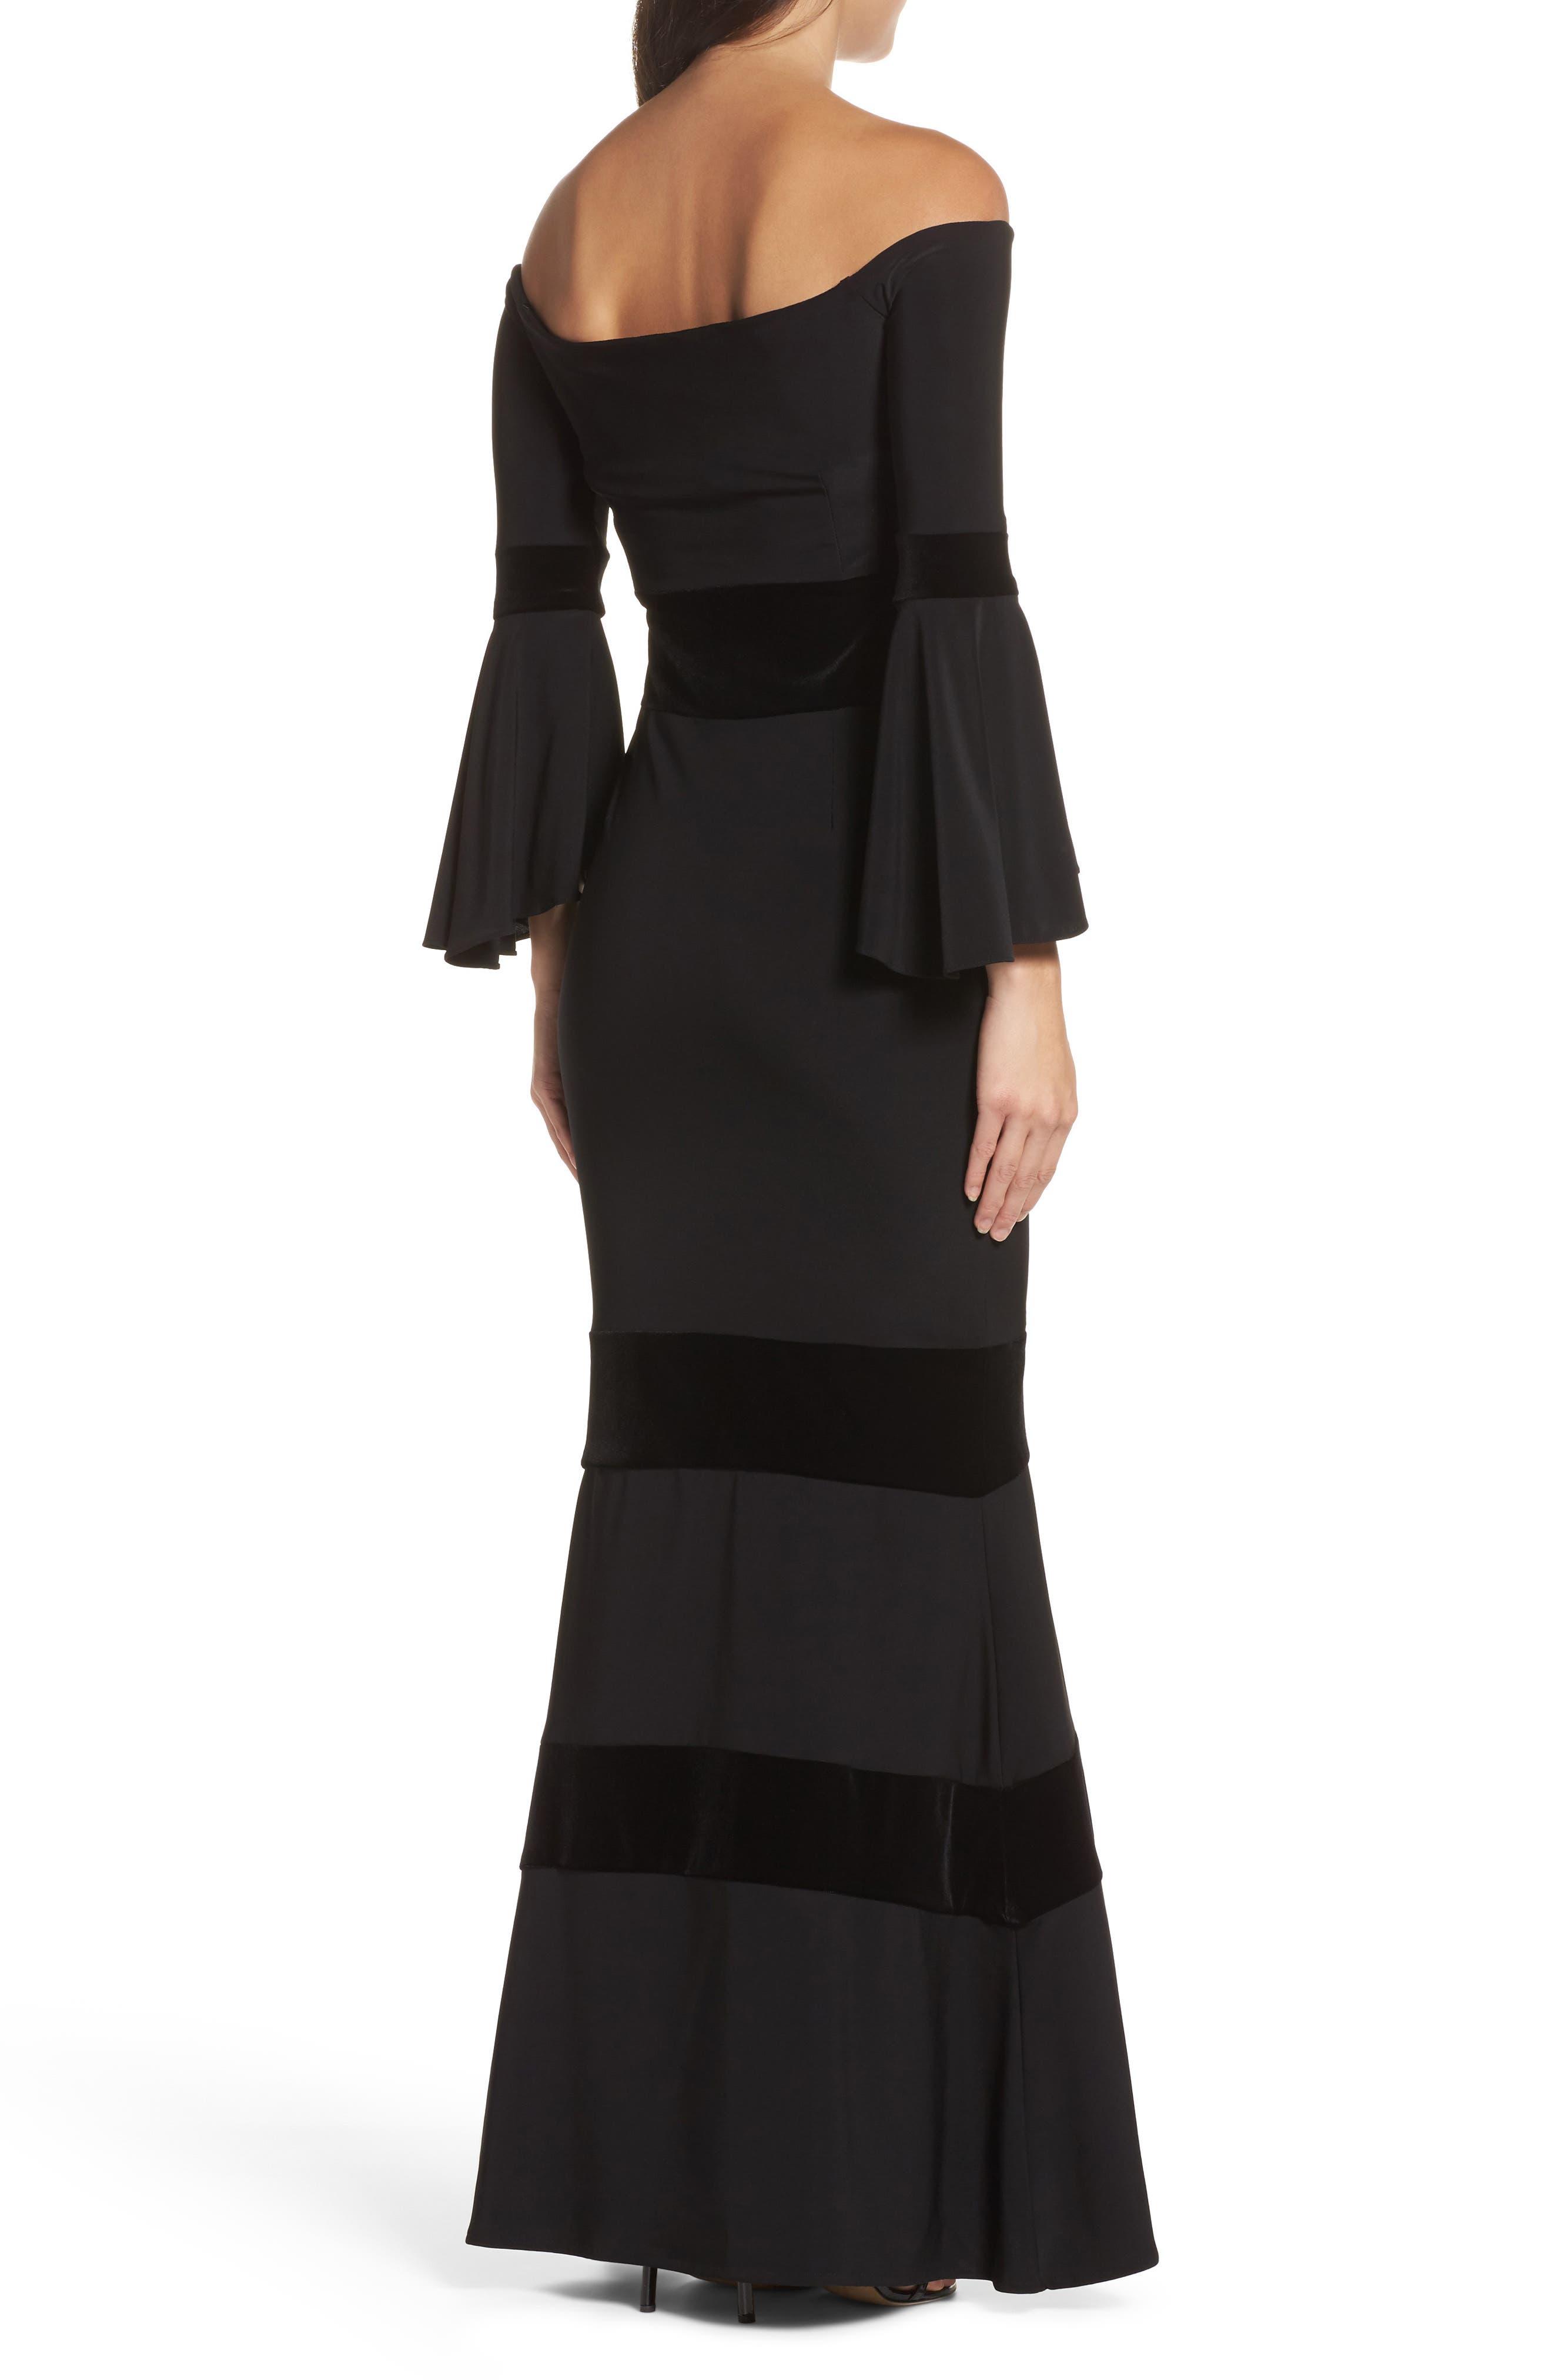 Velvet Trim Off the Shoulder Mermaid Dress,                             Alternate thumbnail 2, color,                             Black